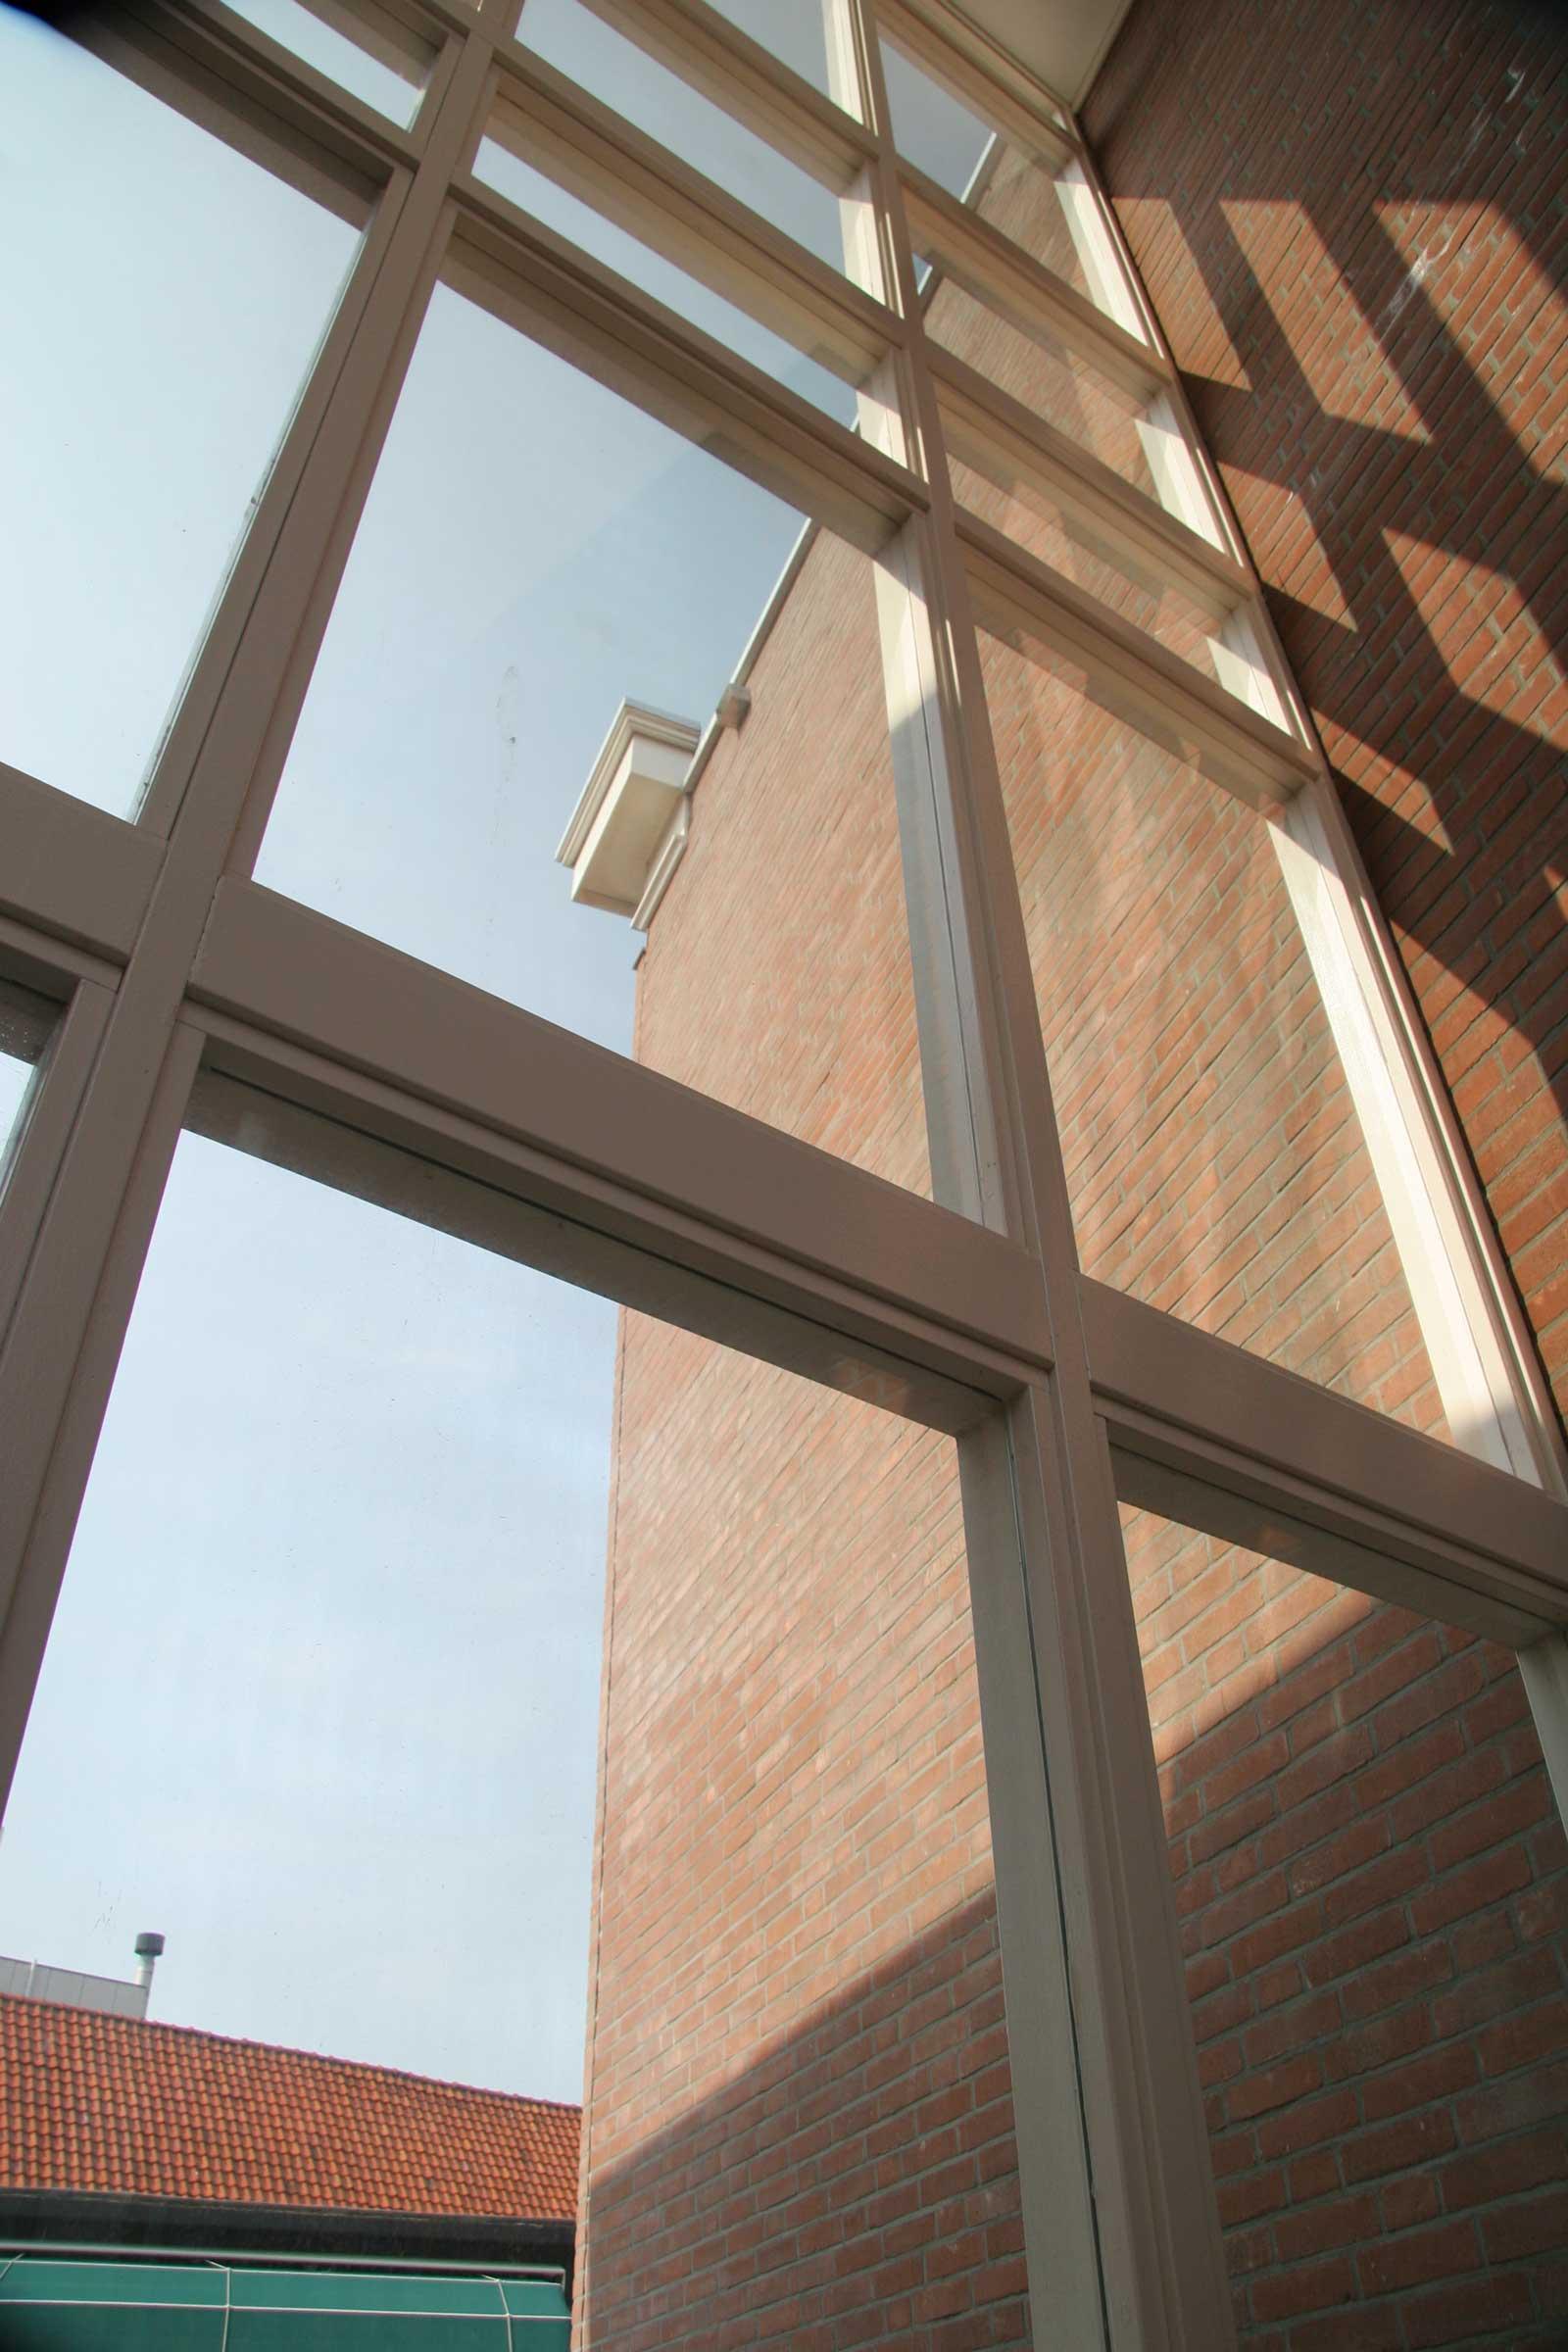 trappenhuis - Binnenstedelijke herontwikkeling Dubbele Buurt Purmerend